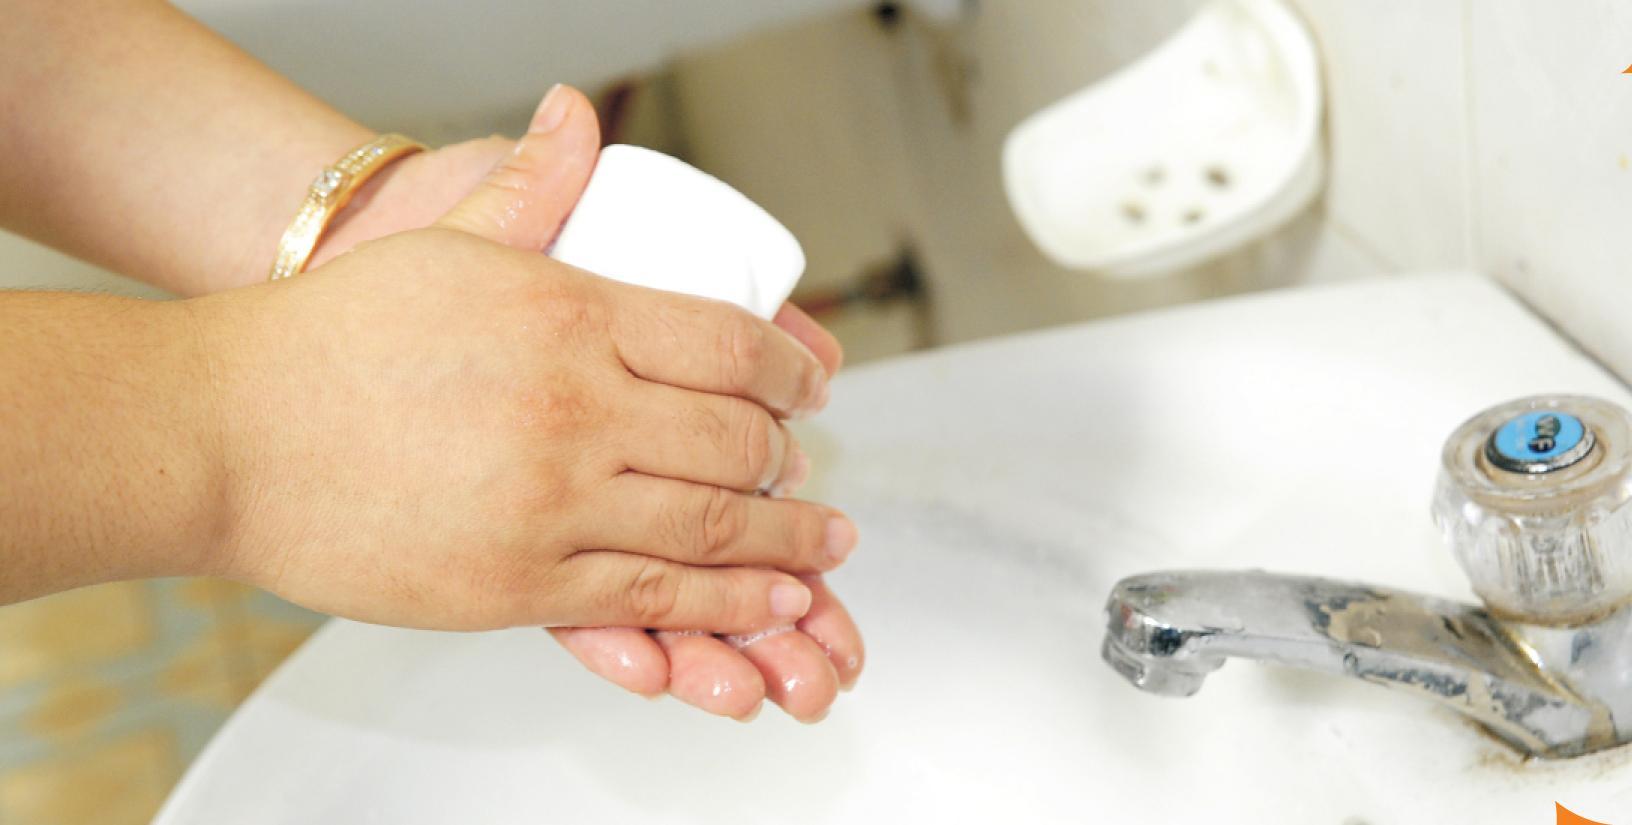 5 thói quen khiến cơ thể dễ mắc phải các bệnh lây nhiễm4